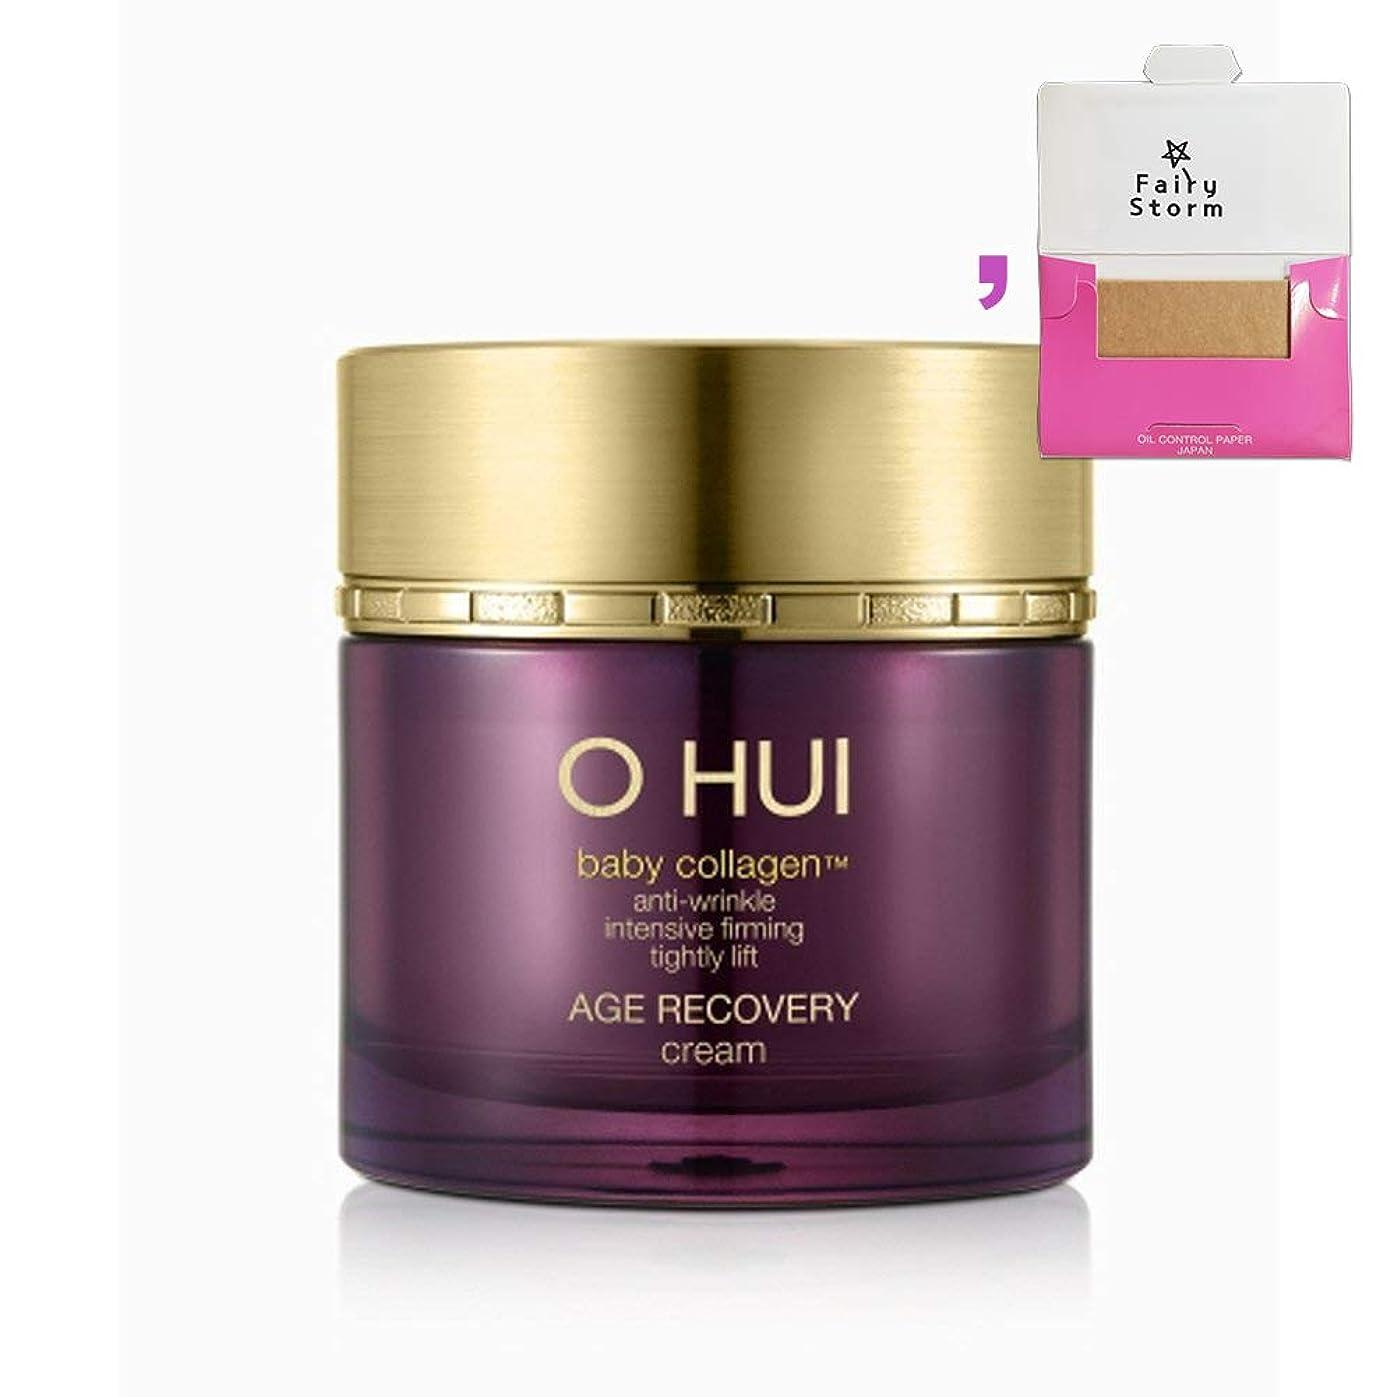 ギャングブラジャー発行する[オフィ/ O HUI]韓国化粧品 LG生活健康/ O HUI Baby05 AGE RECOVERY CREAM /オフィ エイジ リカバリー クリーム 50ml + [Sample Gift](海外直送品)